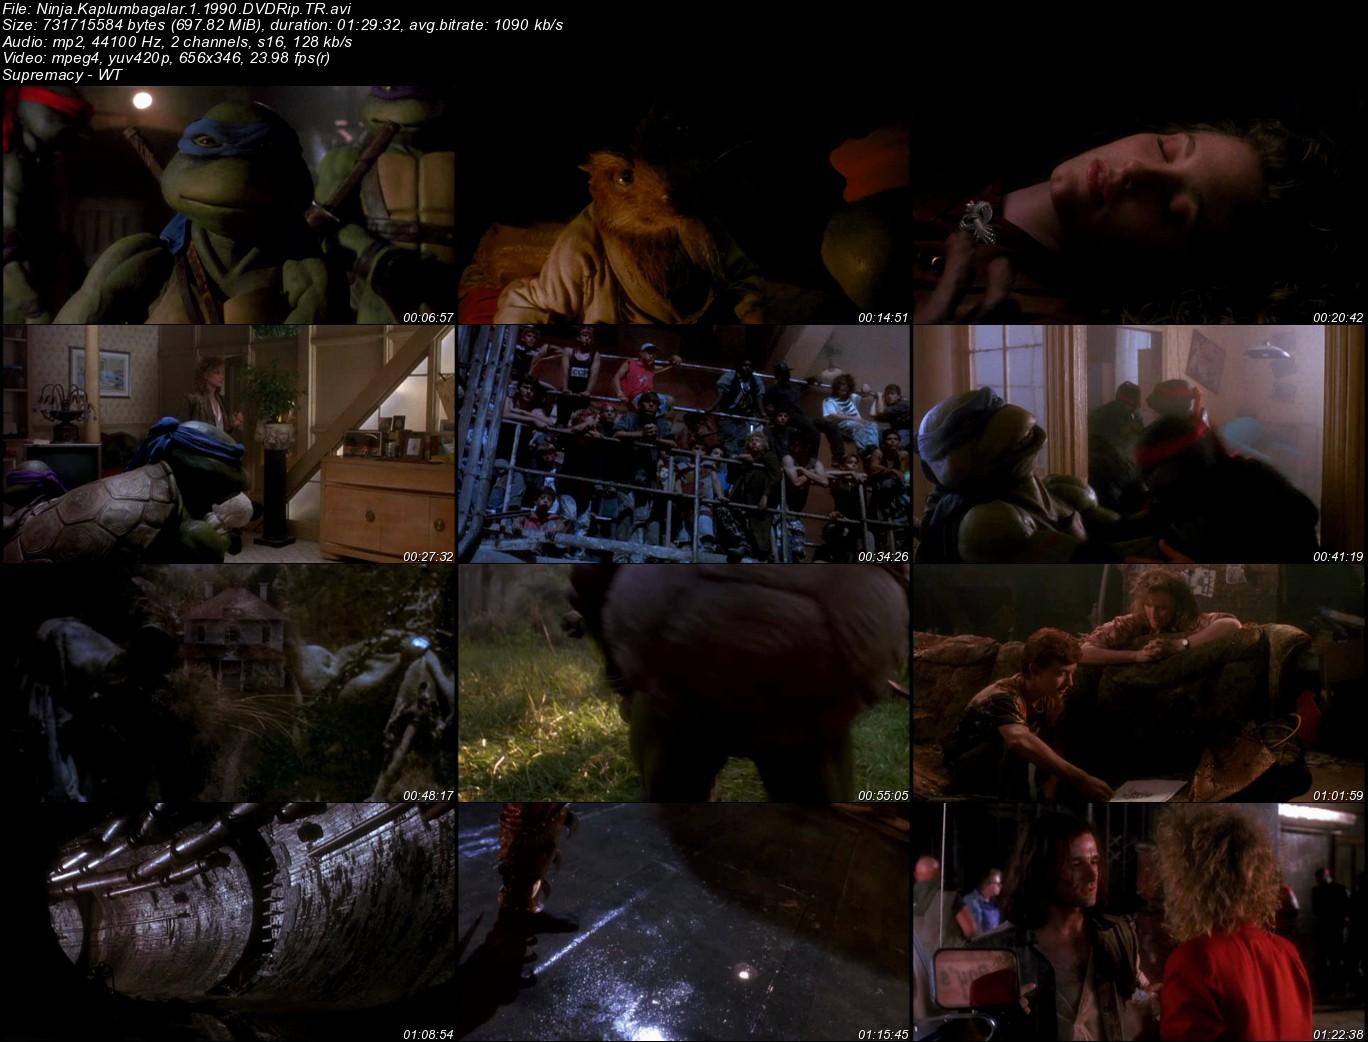 Ninja Kaplumbağalar 1 - 1990 Türkçe Dublaj Dvdrip Tek Link